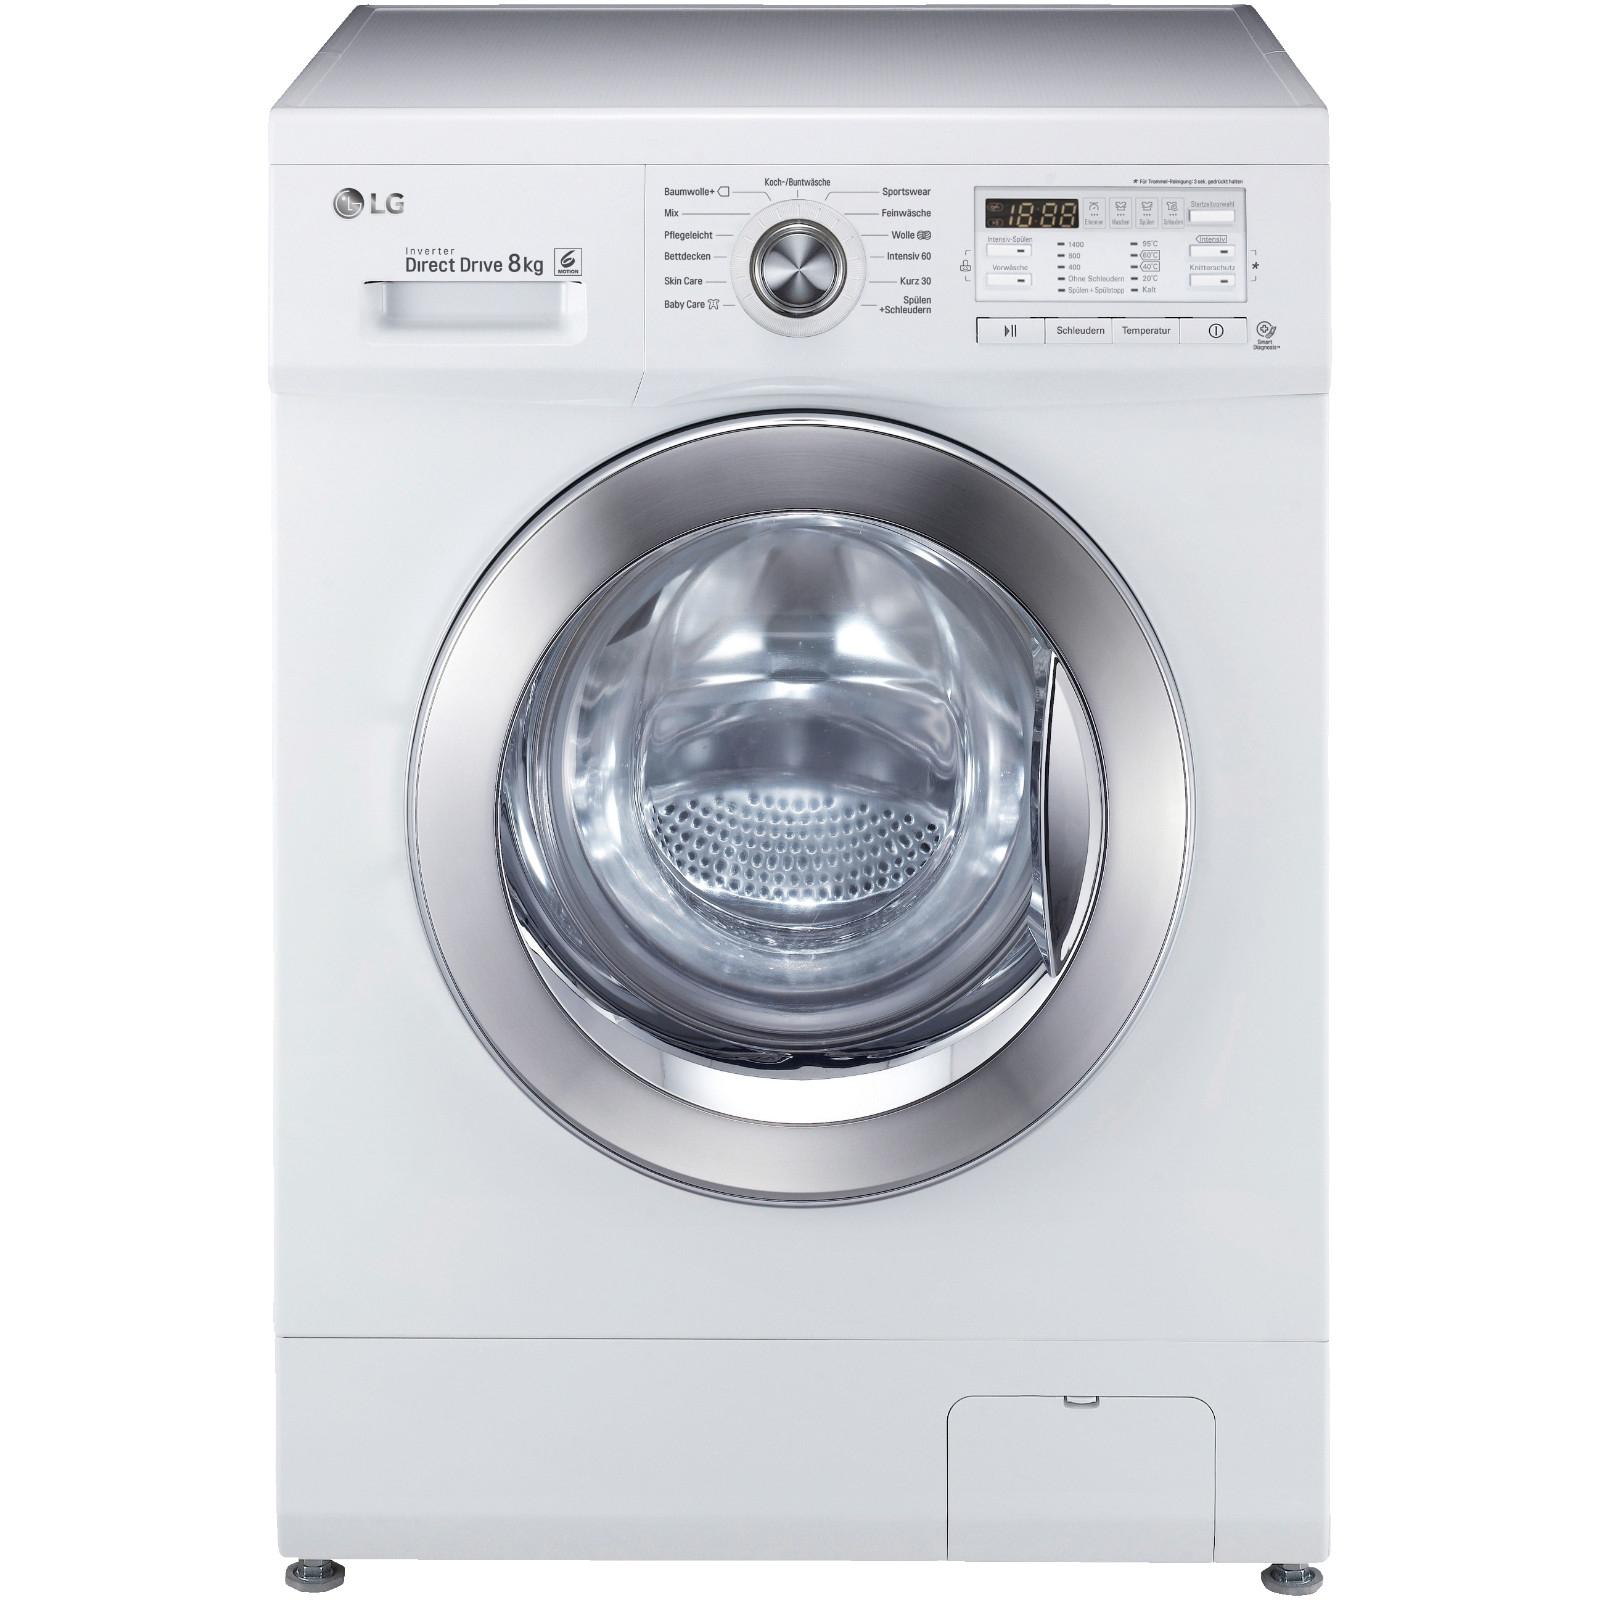 LG F 14 B 8 Chrom – 8kg Waschmaschine